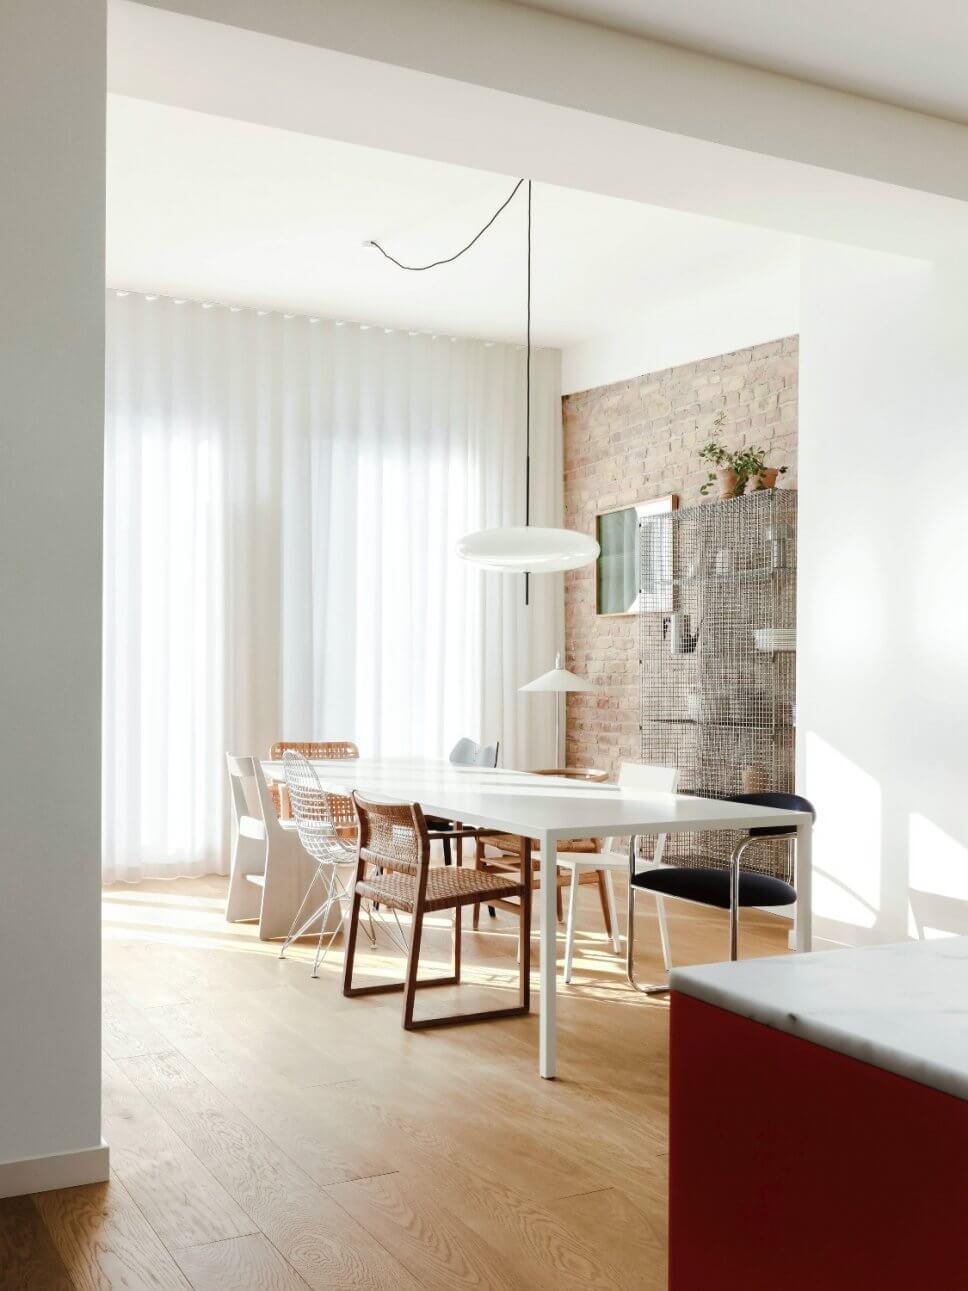 Modernes Esszimmer mit Backsteinwand, langem Tisch und unterschiedlichen Stühlen